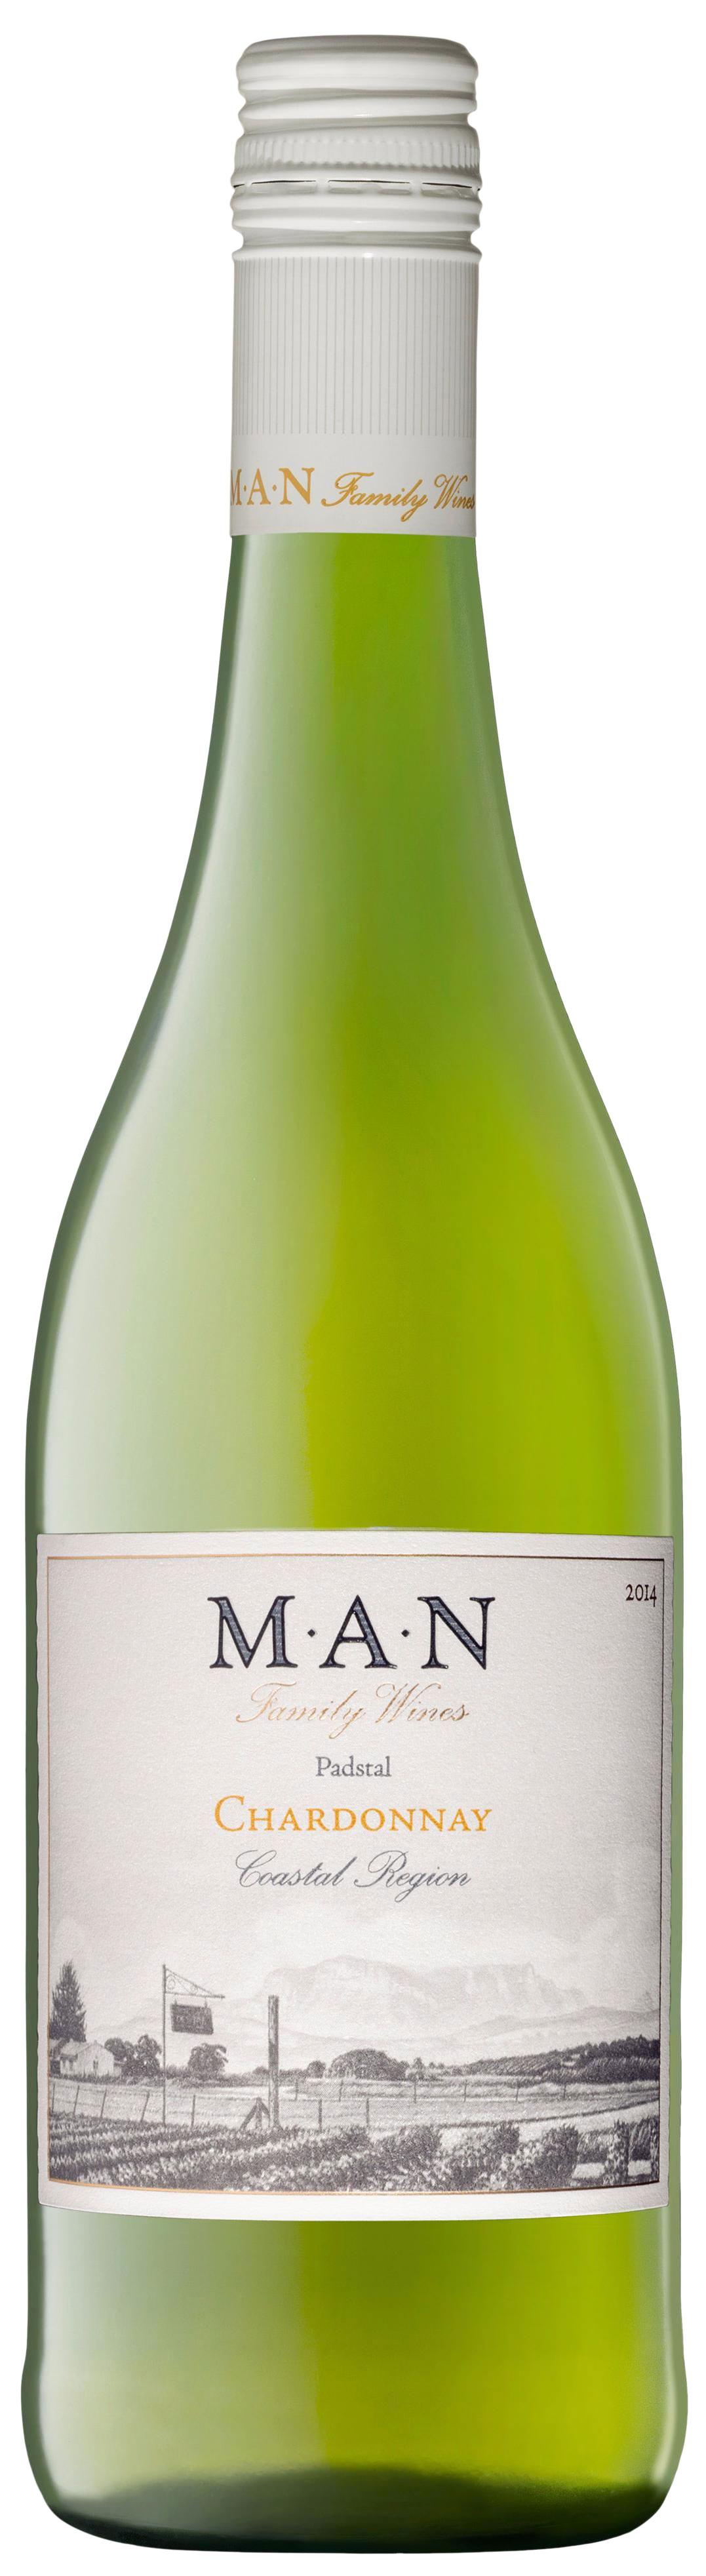 2016 Man Chardonnay Padstal фото